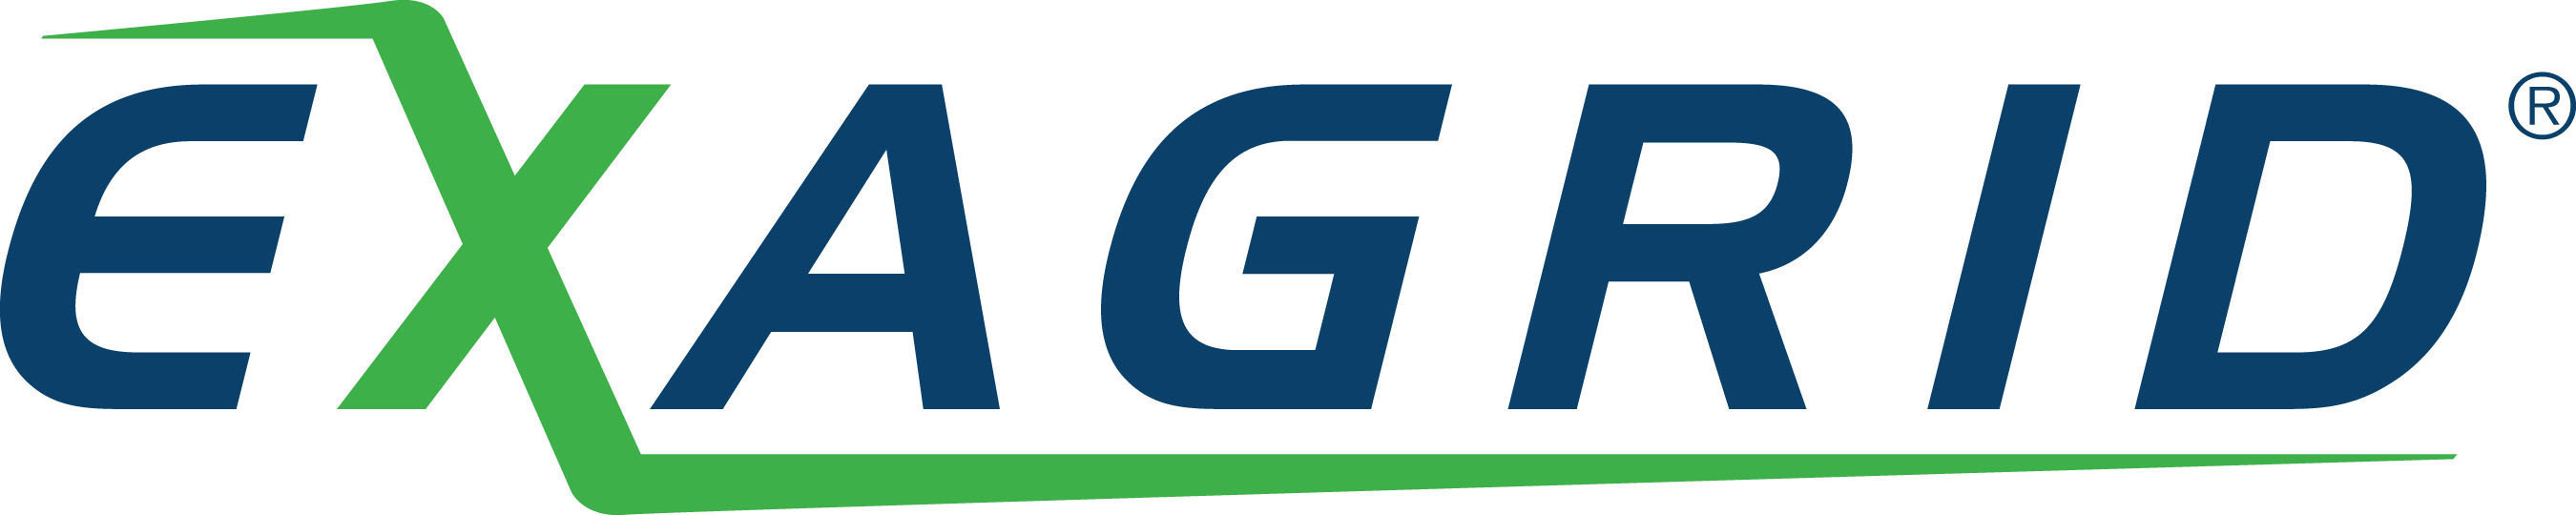 ExaGrid logo.